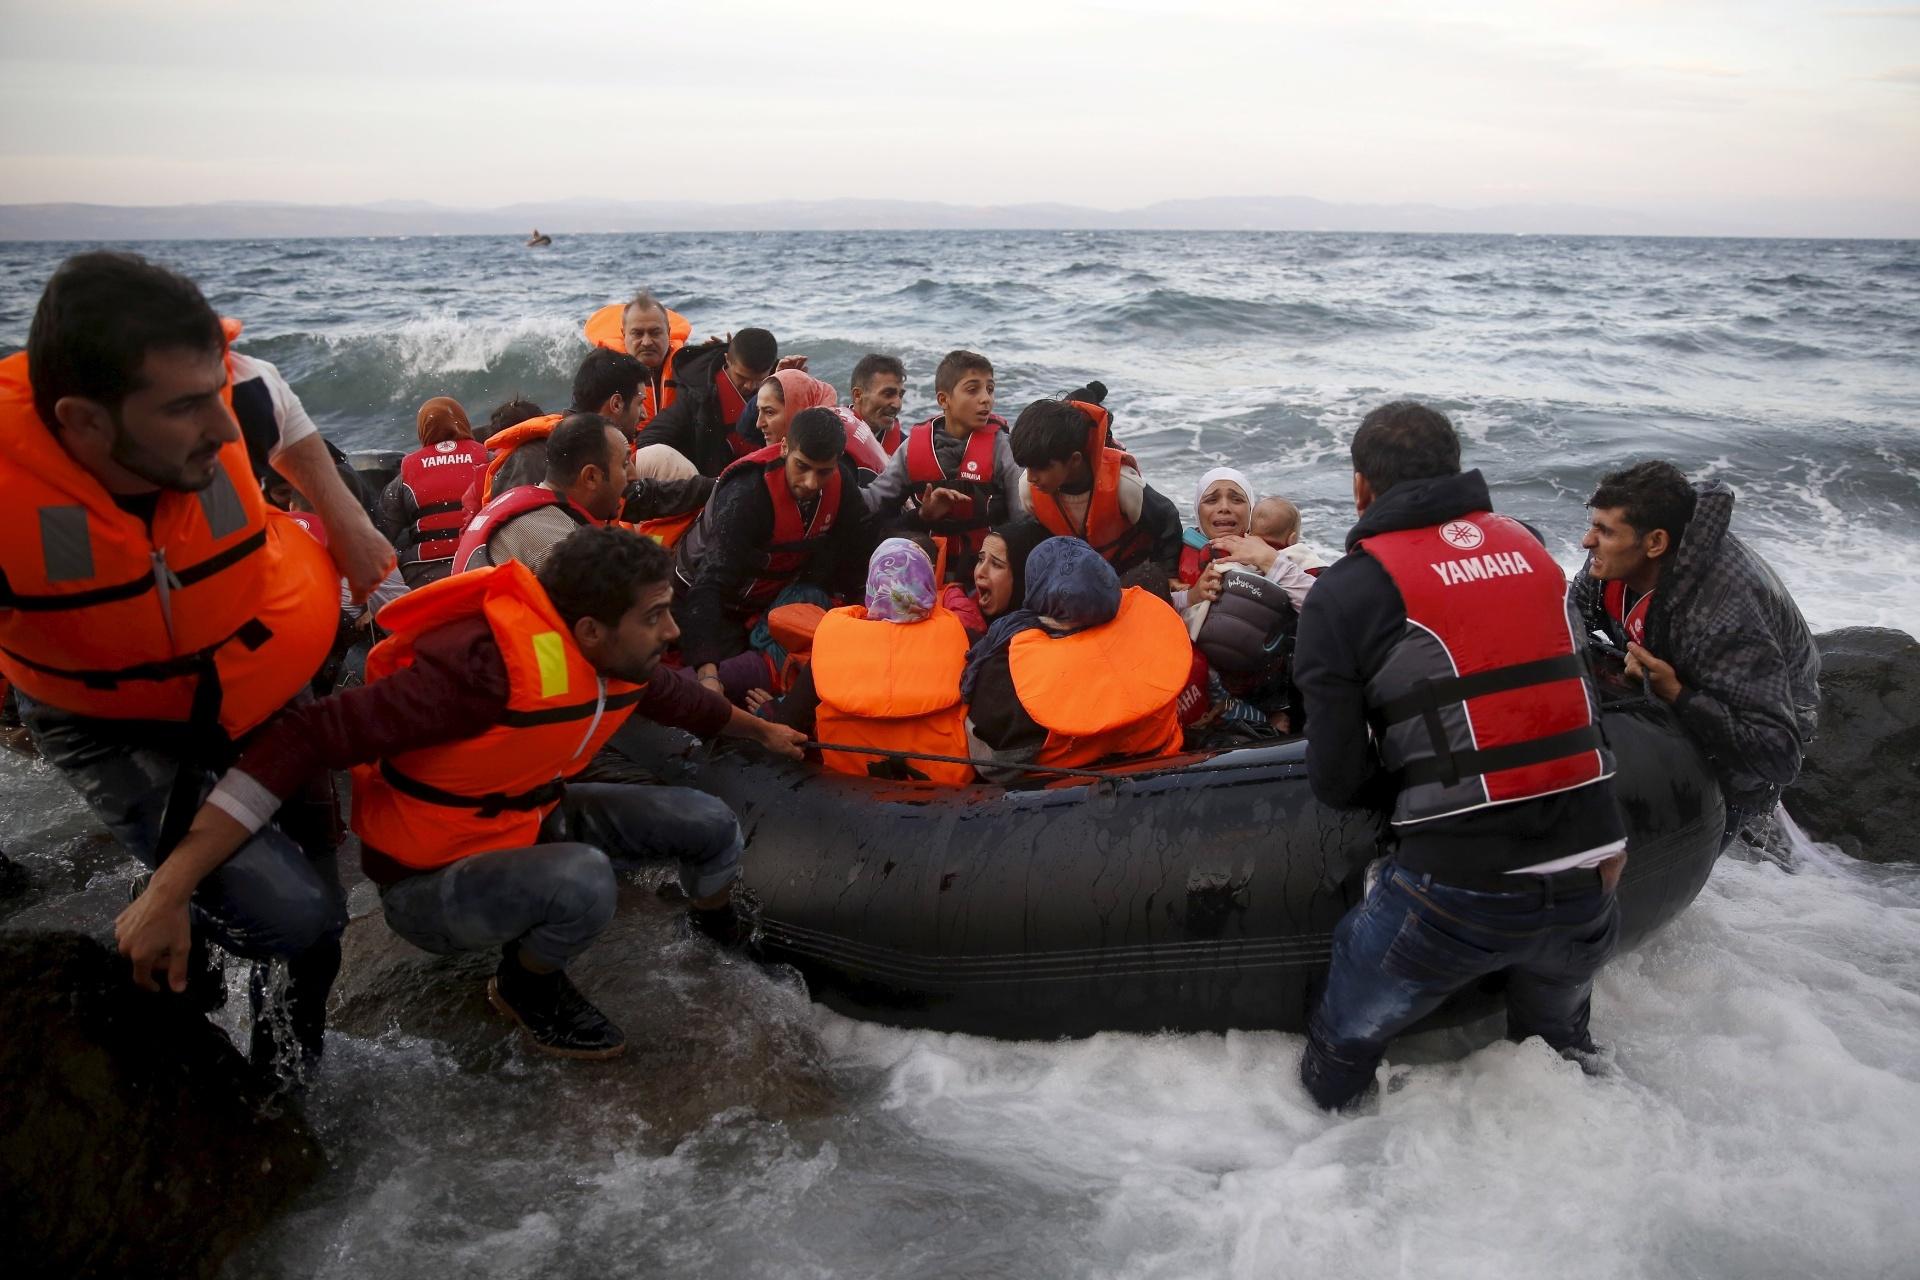 27.out.2015 - Refugiados sírios chegam em uma jangada, no mar agitado, em uma praia na ilha grega de Lesbos. Durante o mês de outubro, a chegada de refugiados e imigrantes através do mar Mediterrâneo à Europa superaram as registradas em qualquer mês anterior, com 179.470, disse nesta terça-feira (27) a Acnur (Agência das Nações Unidas para os Refugiados)